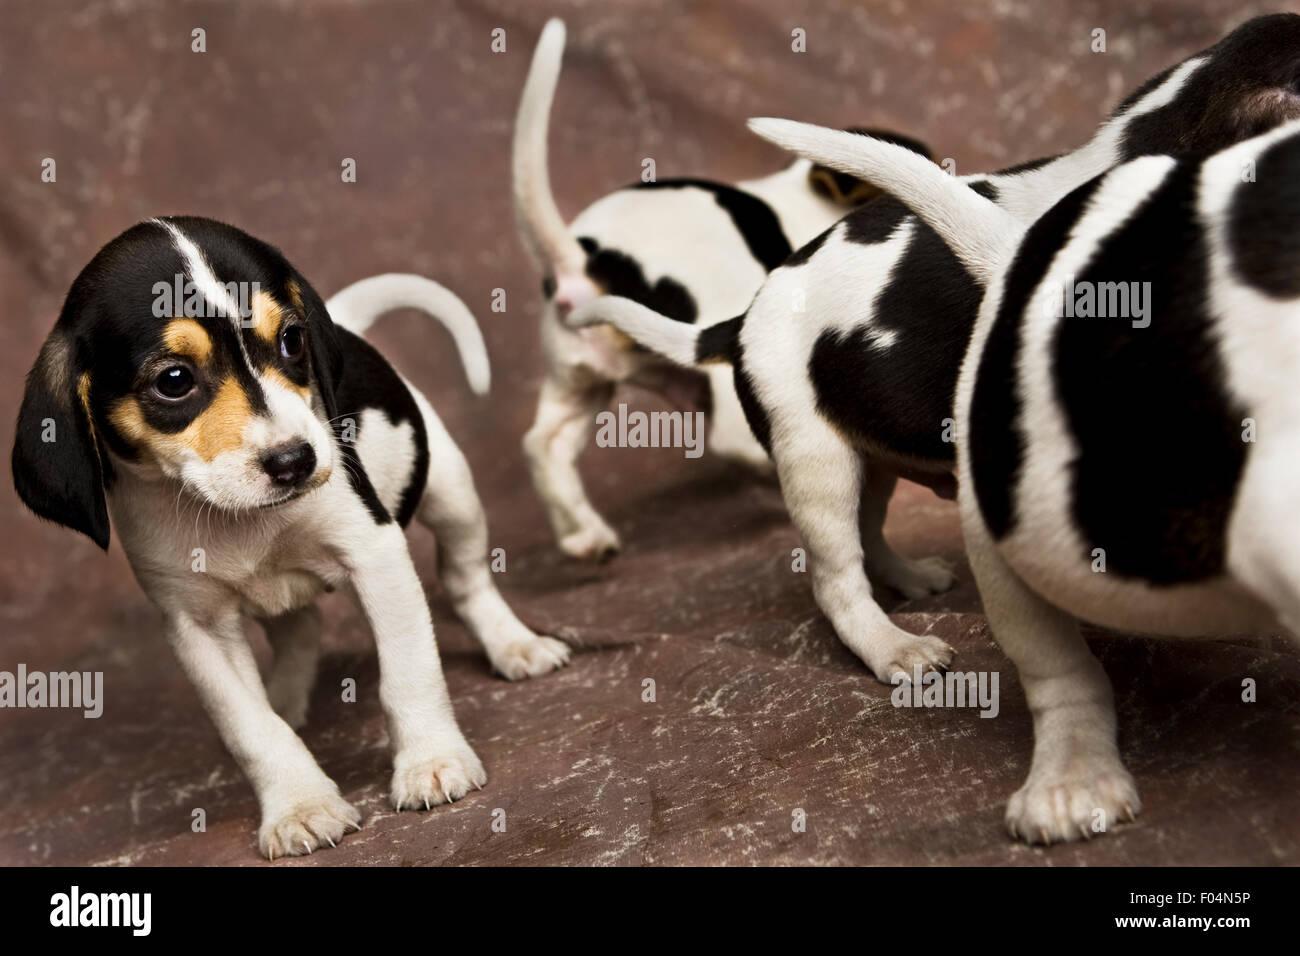 Cuatro cachorros beagle blanco y negro caminando sobre marrón telón de fondo ajuste studio Foto de stock